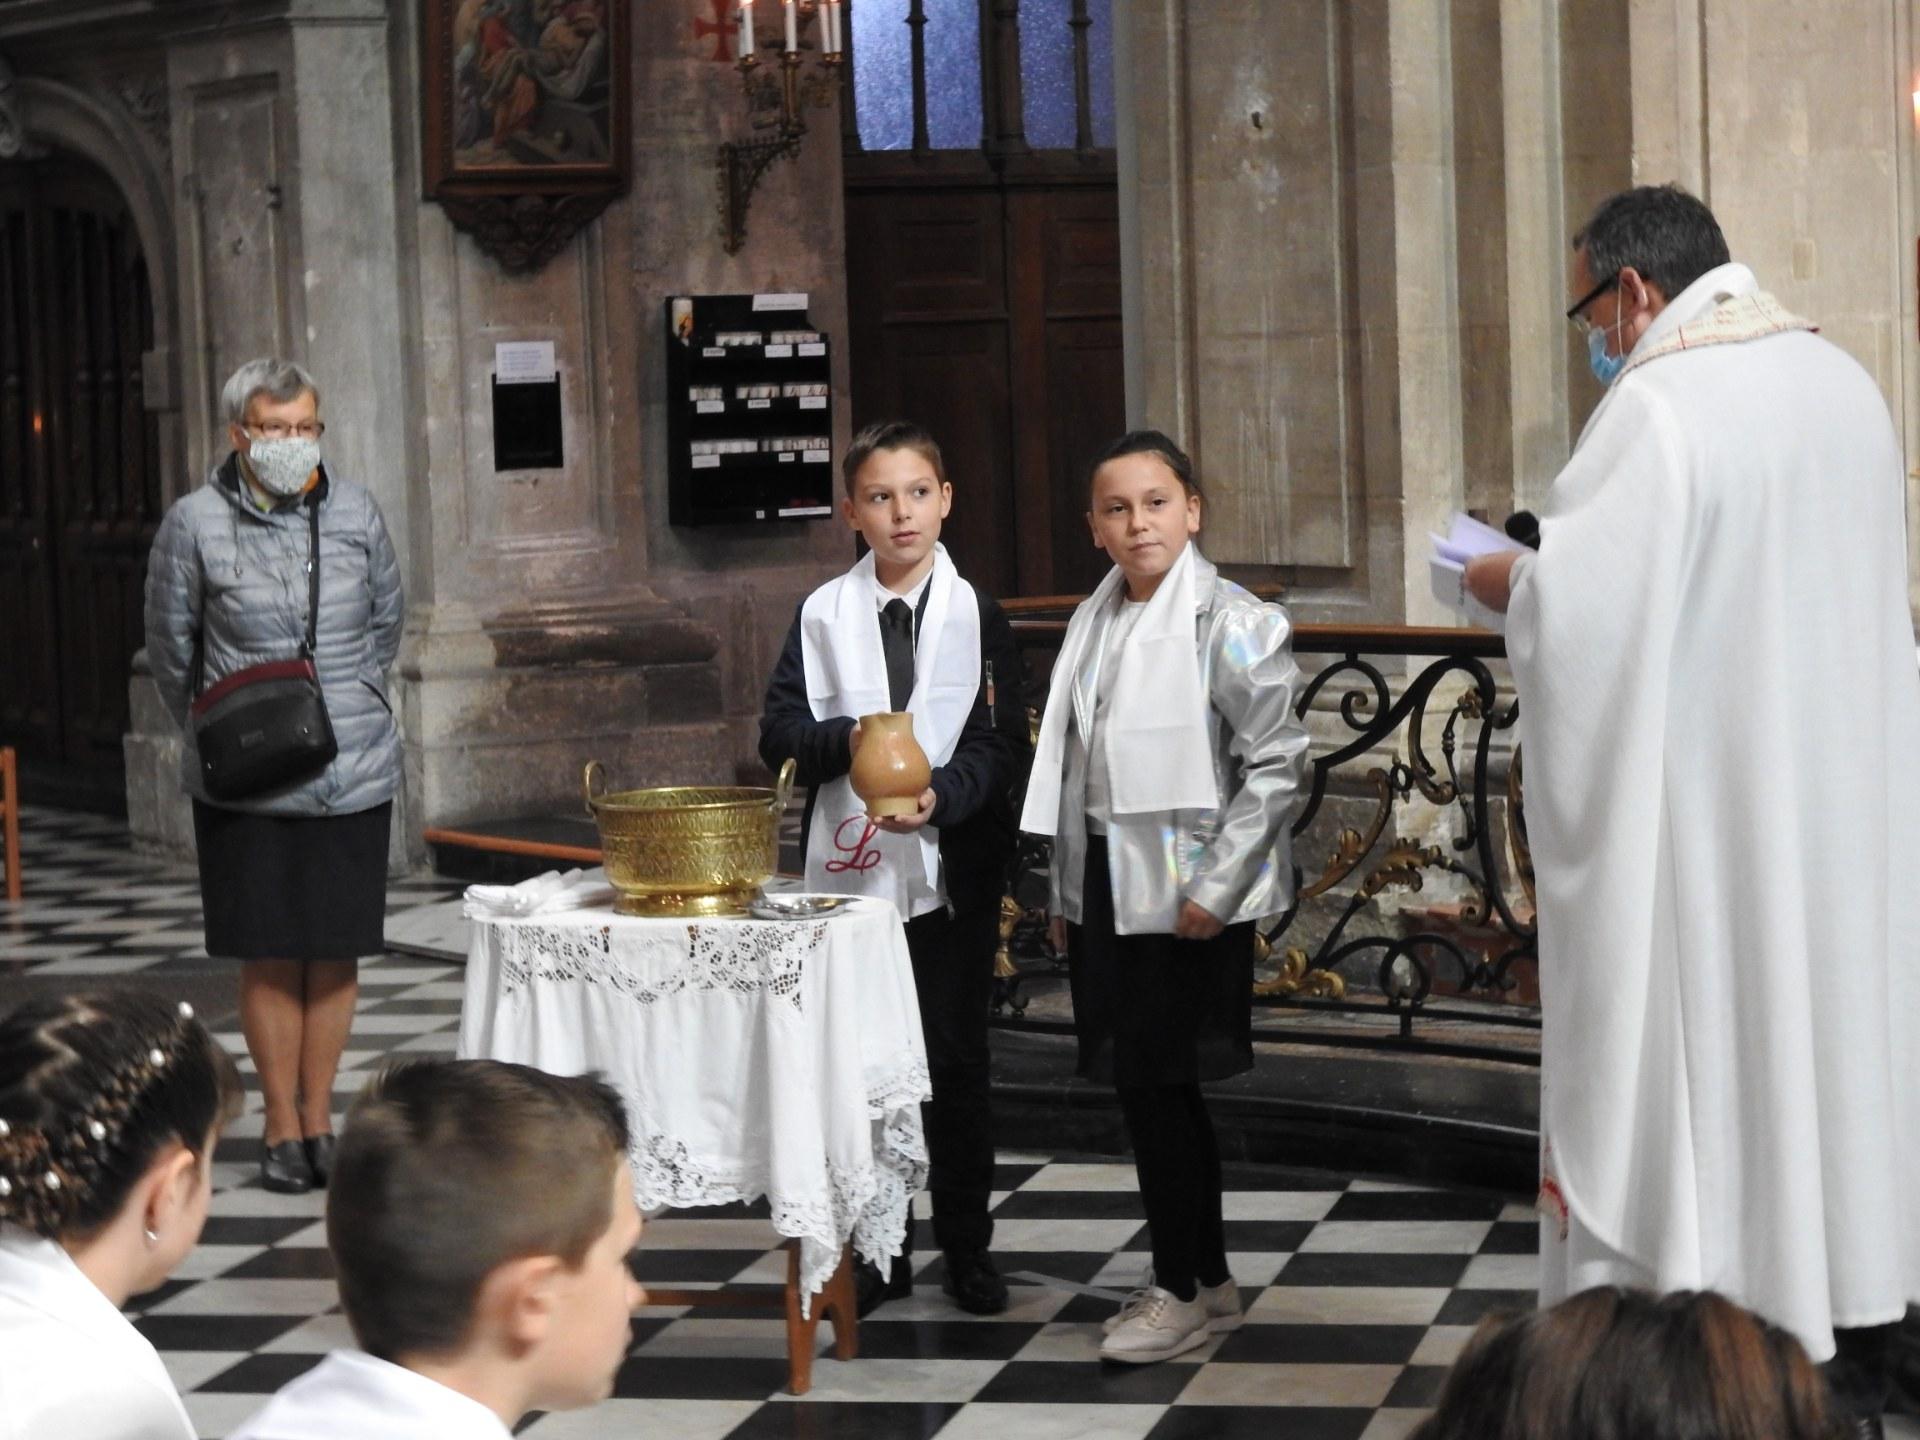 1eres communions St Francois 2020 (30)